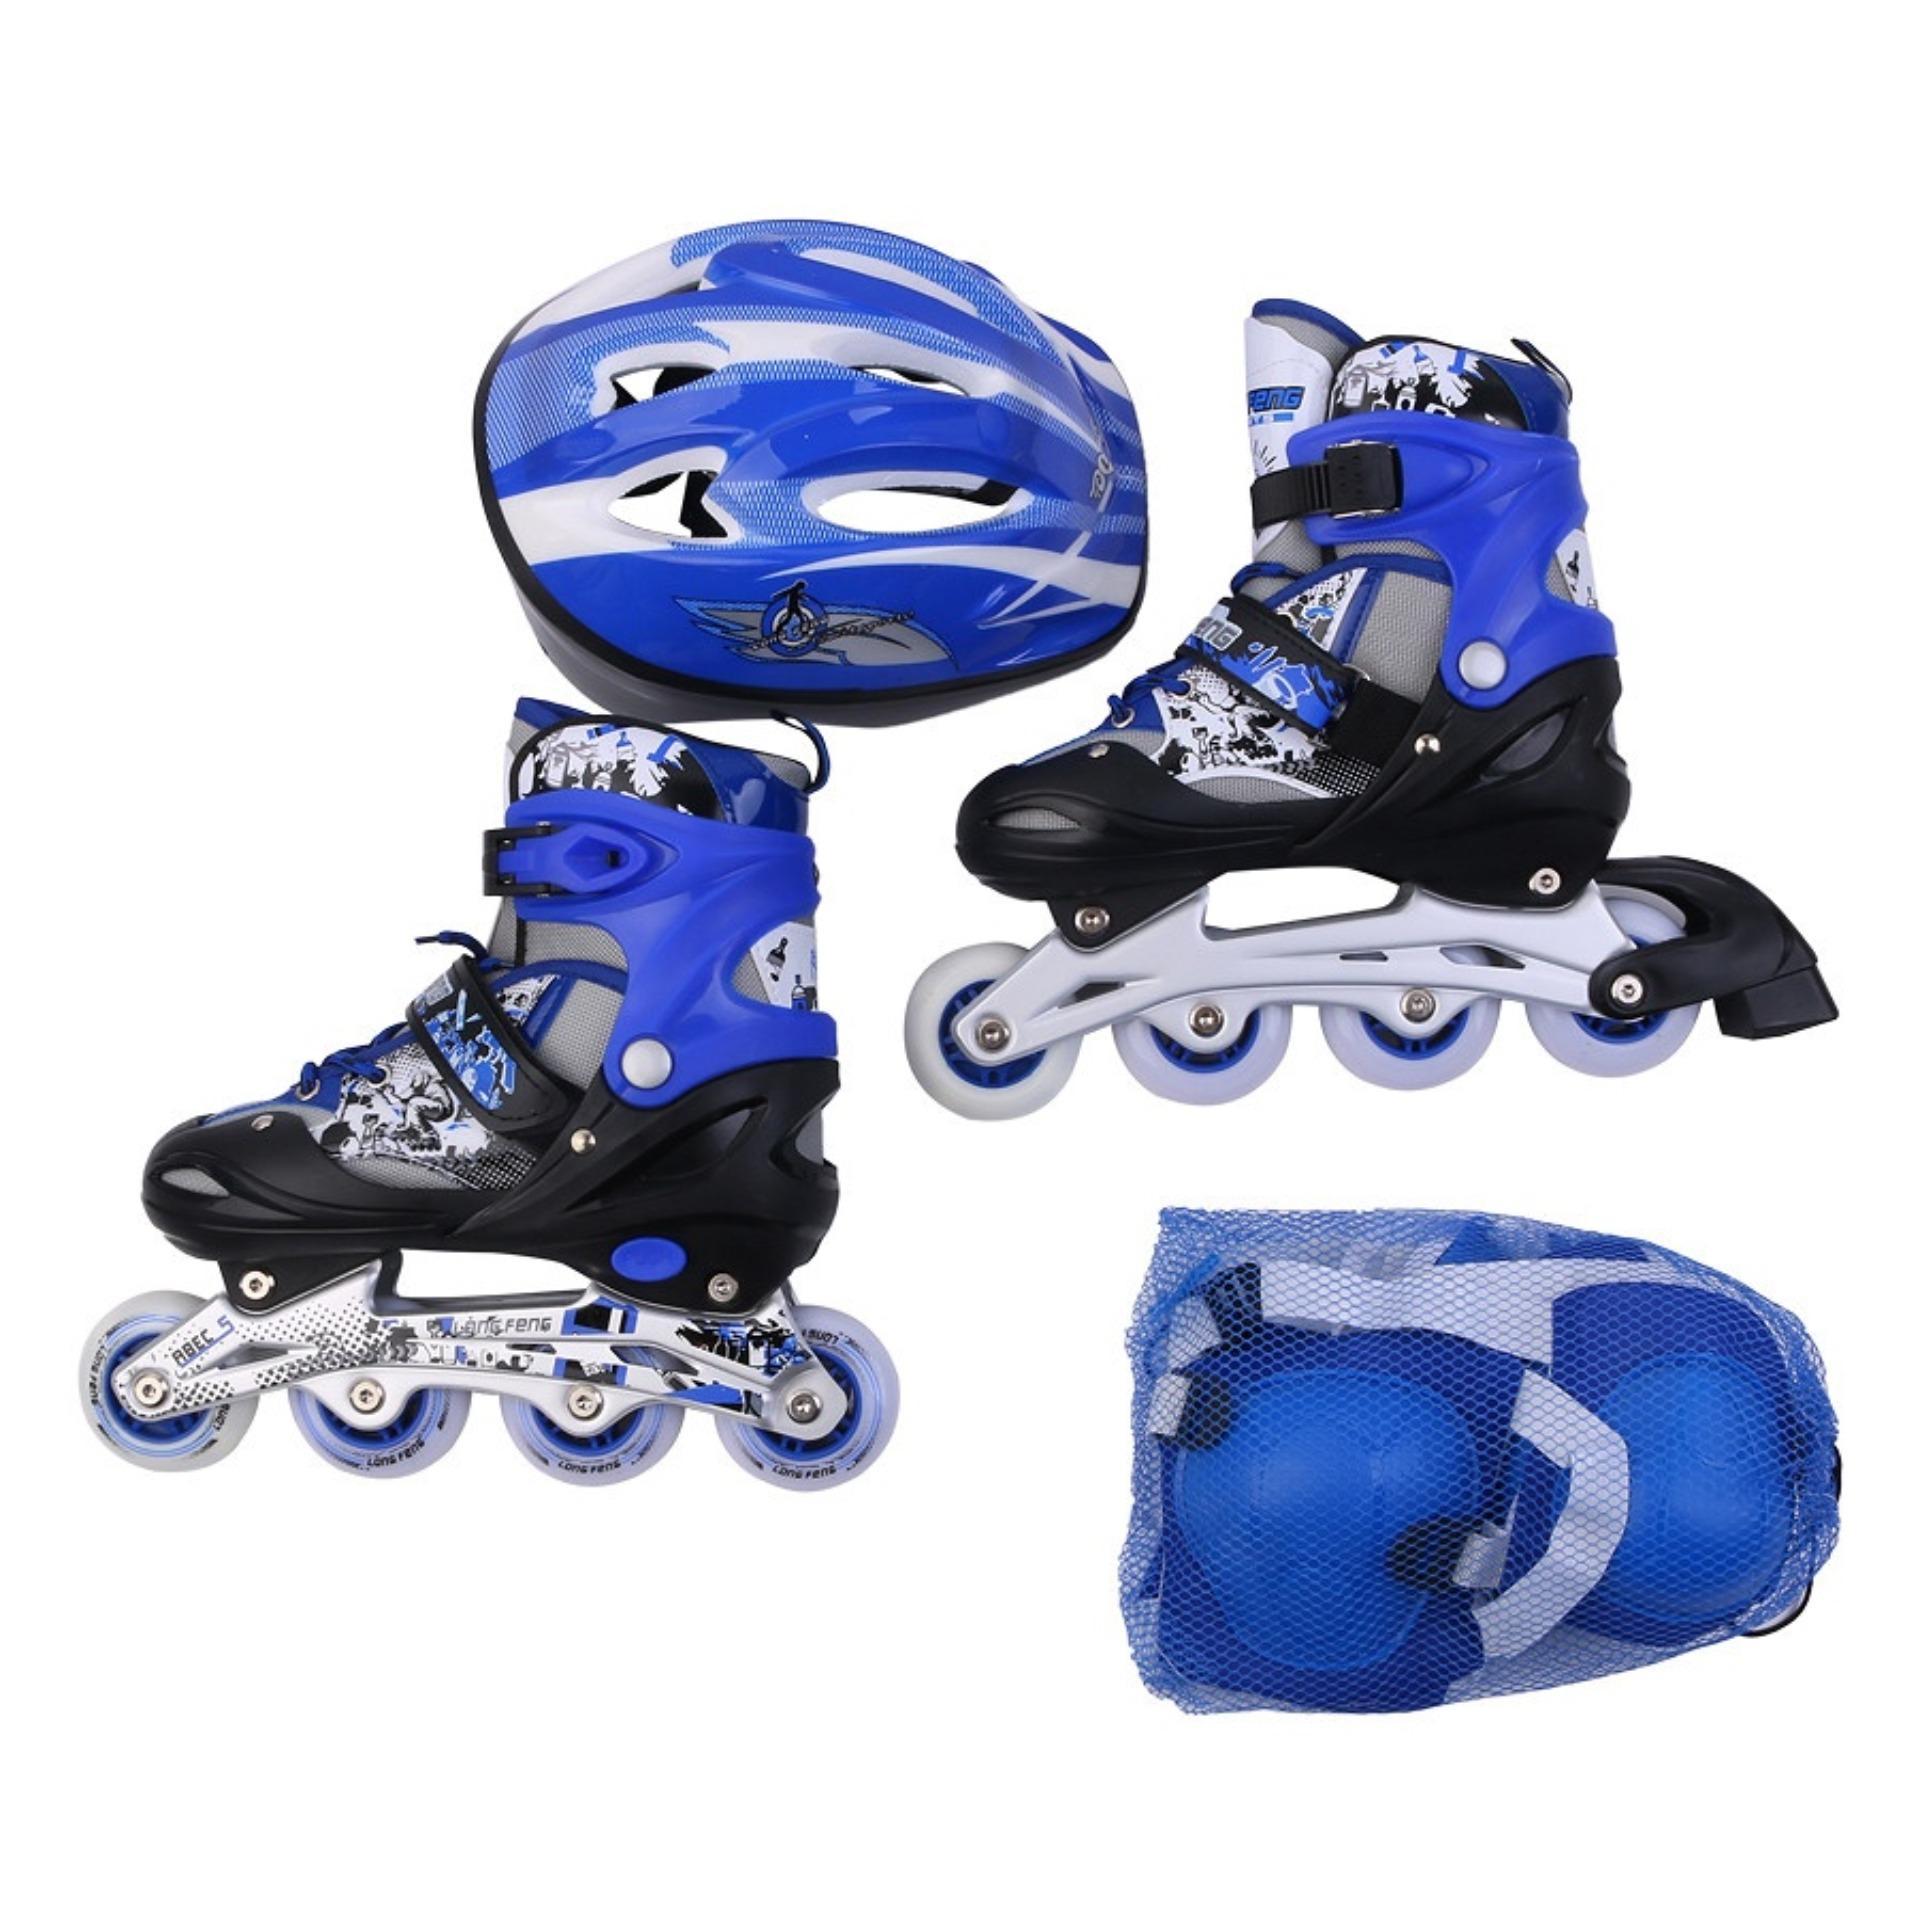 Tim mua giay patin,giày trượt patin mua ở đâu - Giày Patin Trẻ Em, Chắc Chắn, Ôm Sát Chân Chân,  Giúp Bé Vui Chơi Thỏa Thích Mà Lại An Toàn, Sản Phẩm Cao Cấp -Tặng Kèm Bộ Bảo Hộ Đáng Yêu  - Mẫu Mới 2029